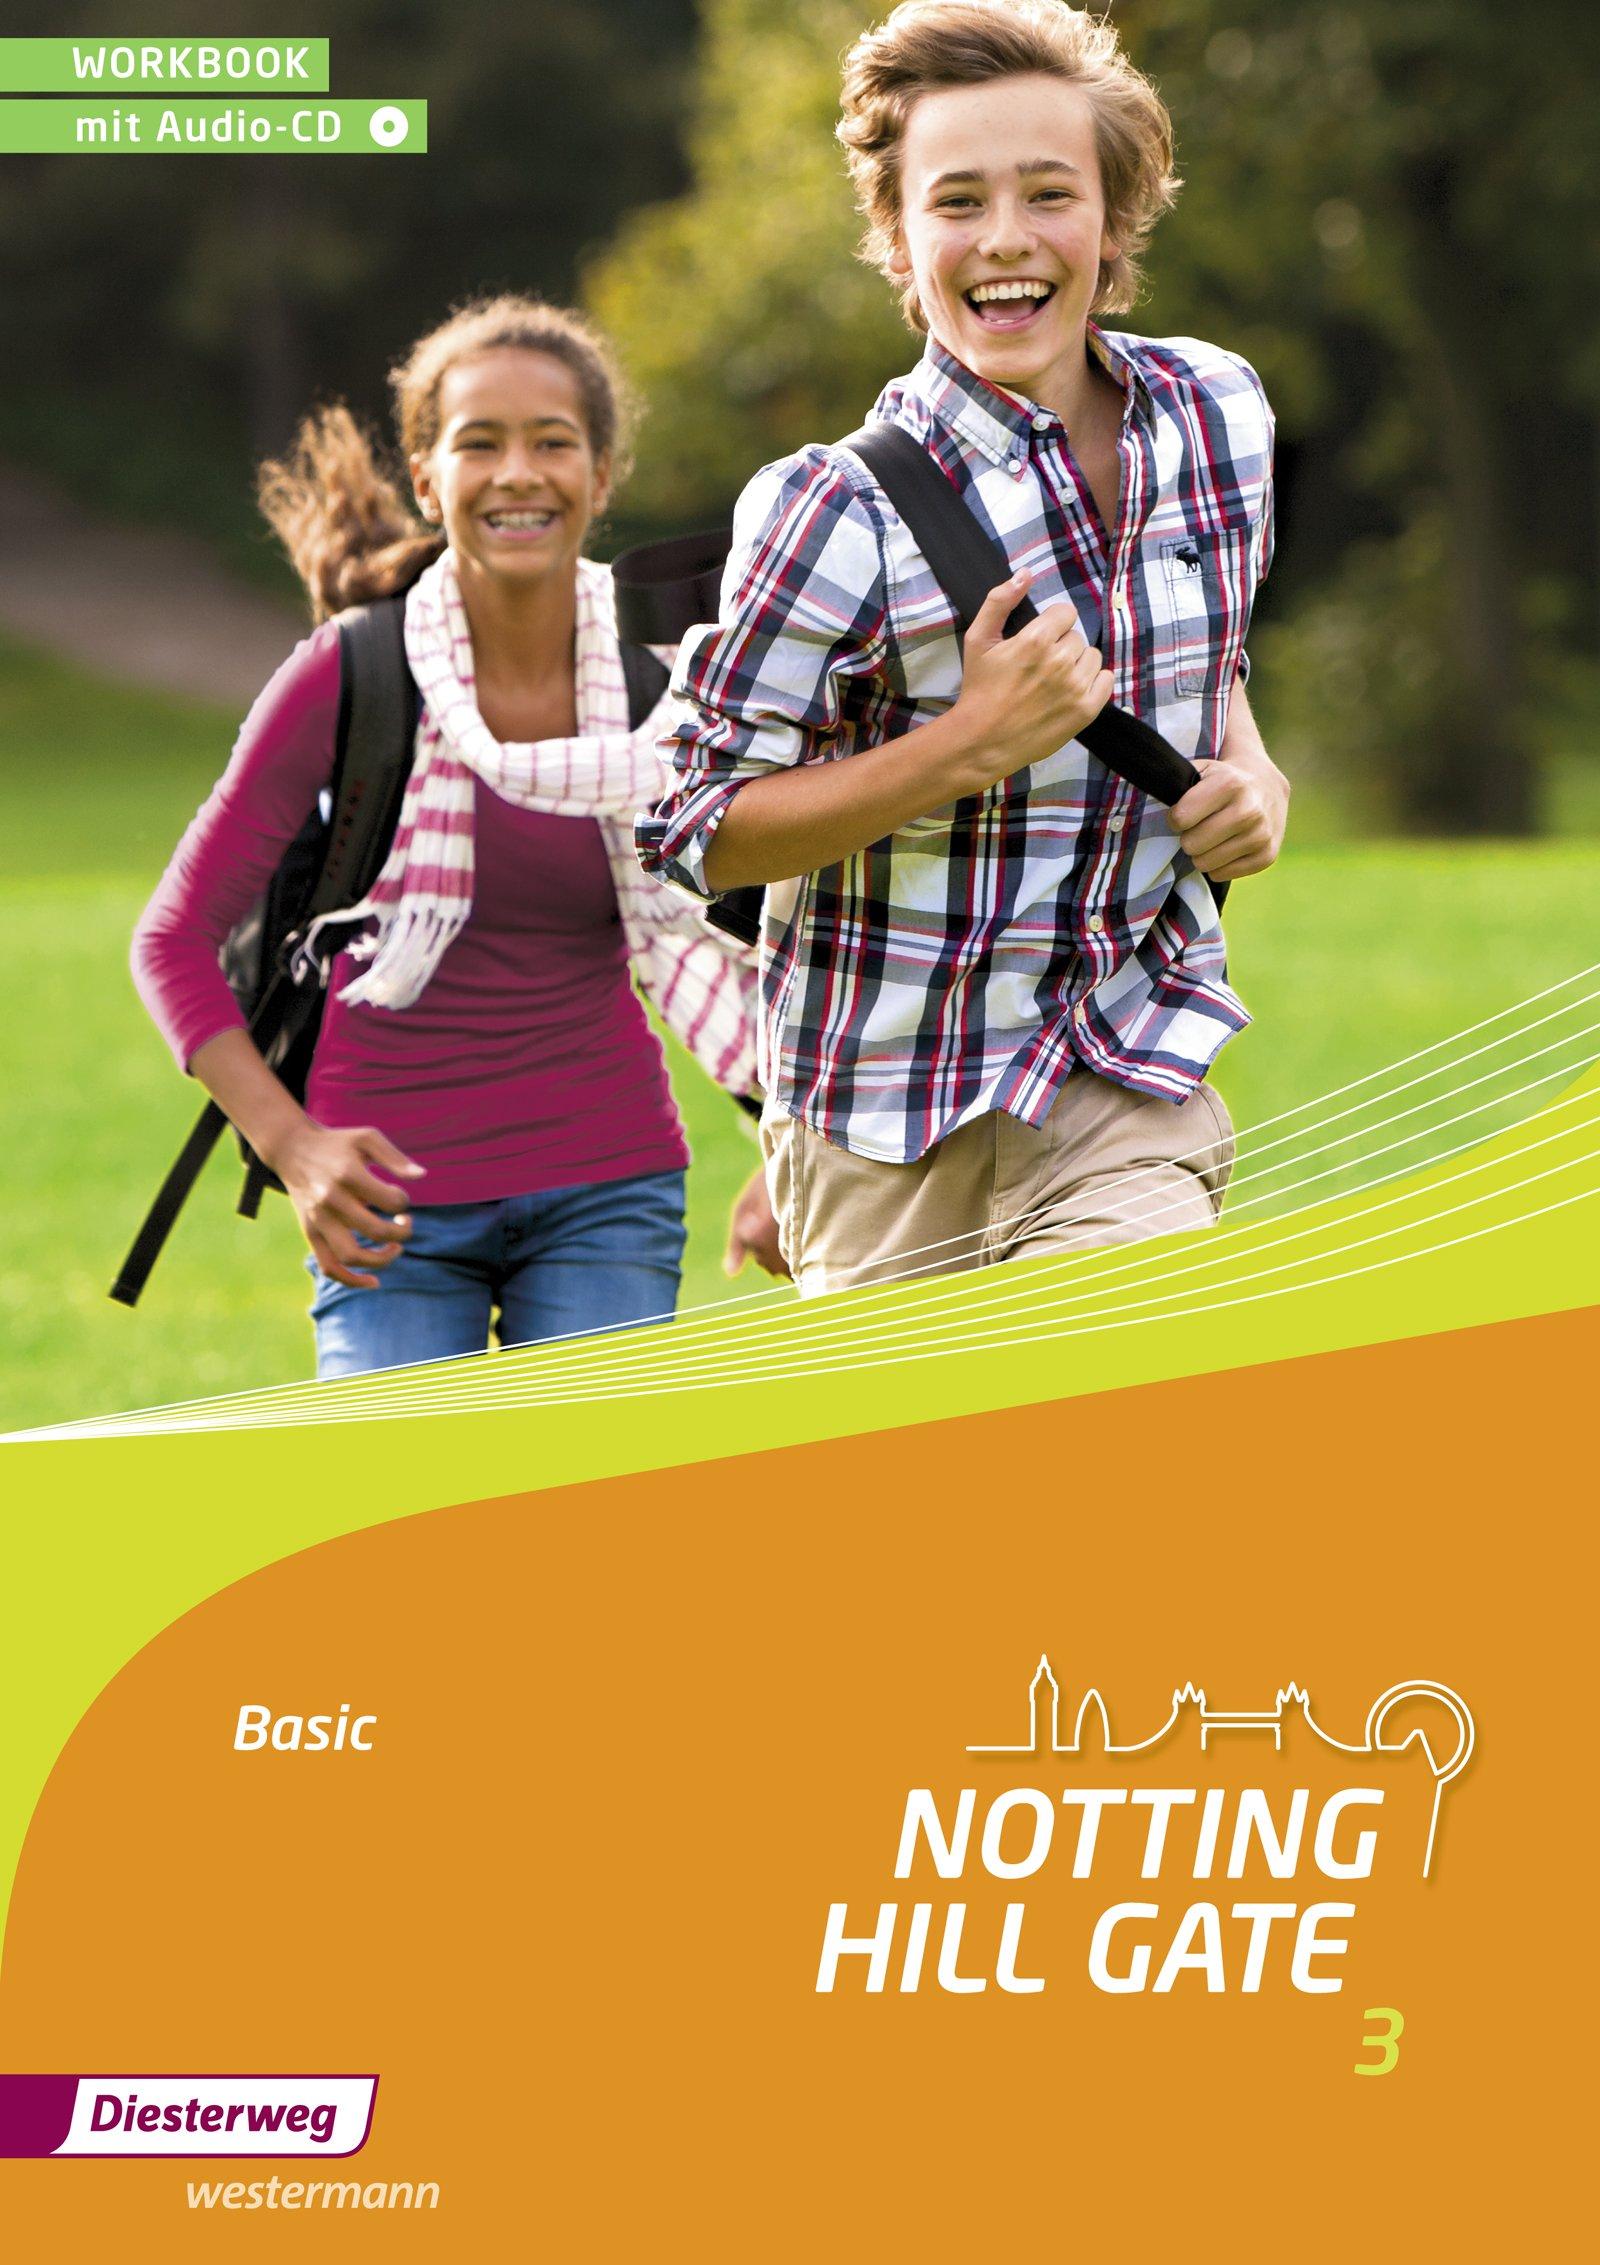 notting-hill-gate-ausgabe-2014-workbook-3-basic-mit-audio-cd